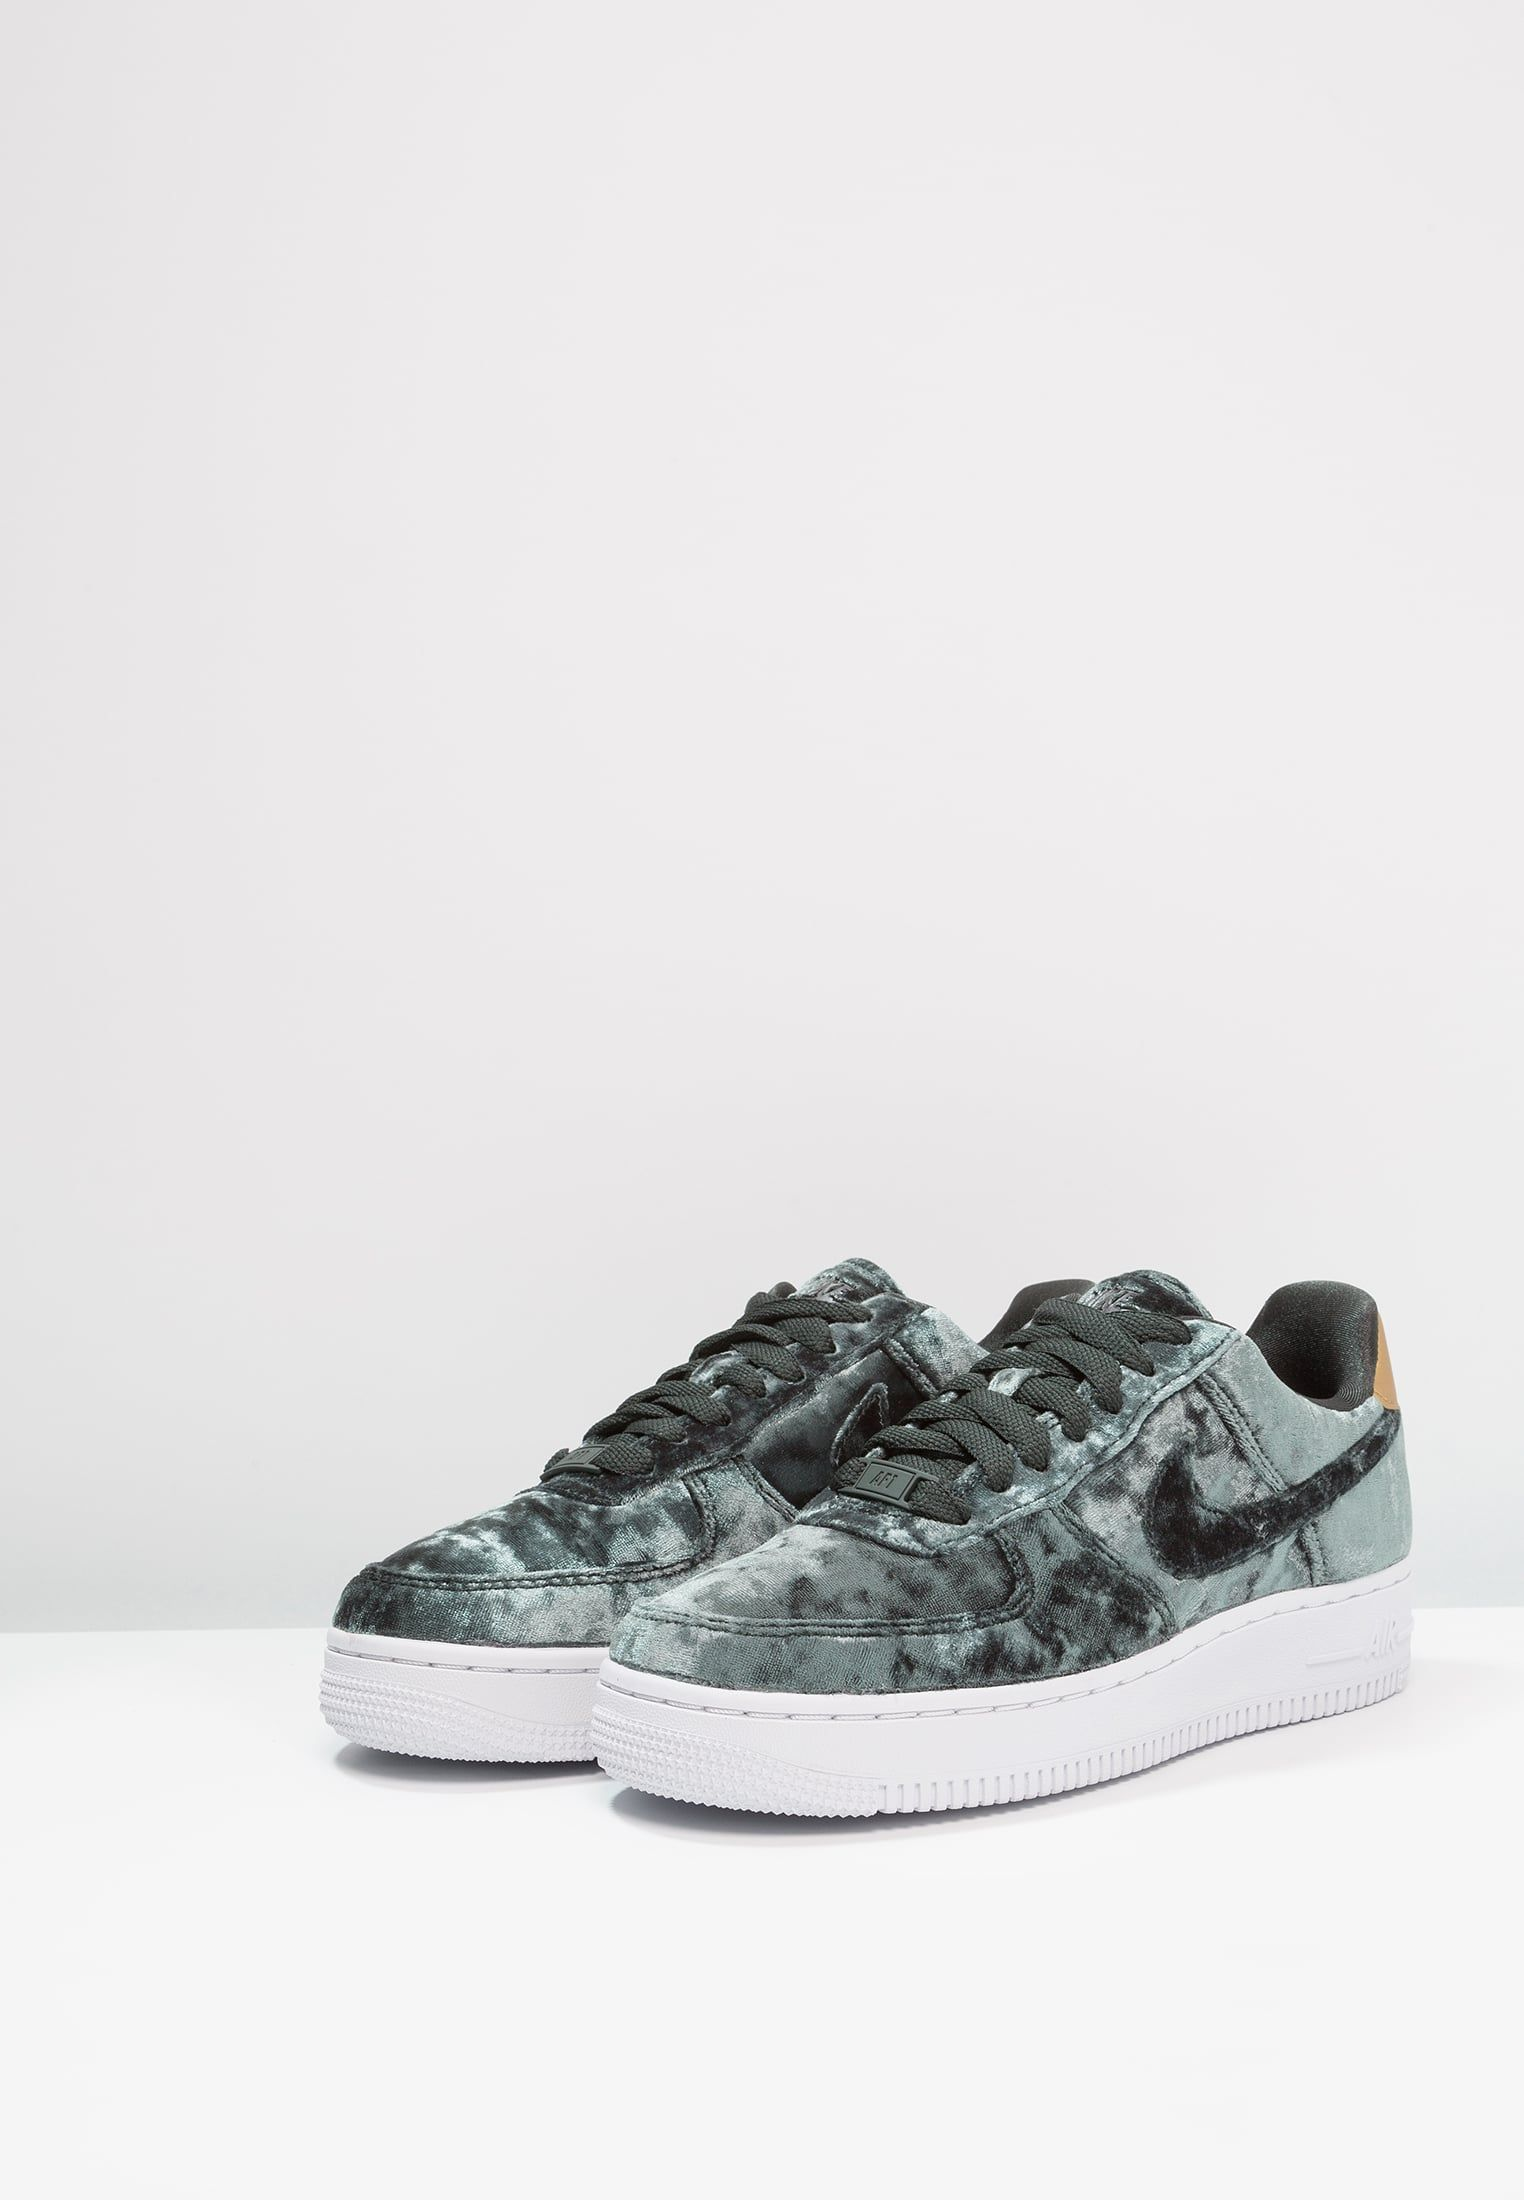 Sneakers women Nike Air Force 1 velvet green | Schoenen